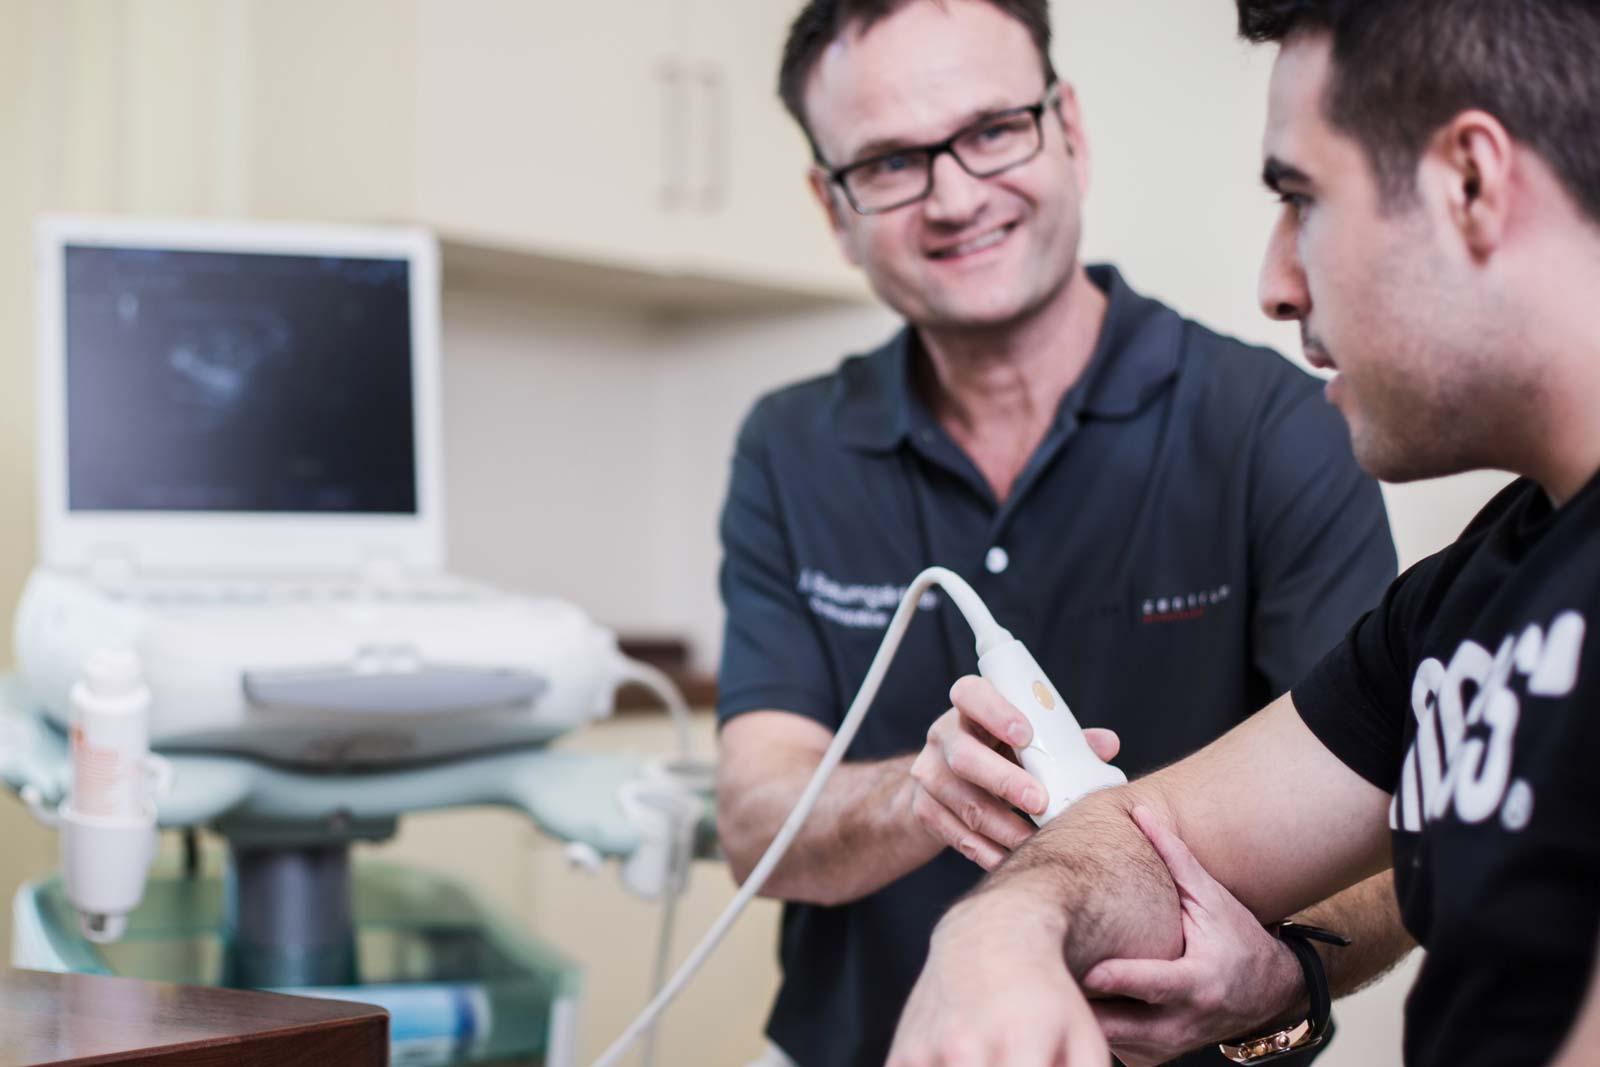 Hyaluronsäure, Magnetfeldtherapie, Triggerpunktakupunktur und ACP als konservative Therapie